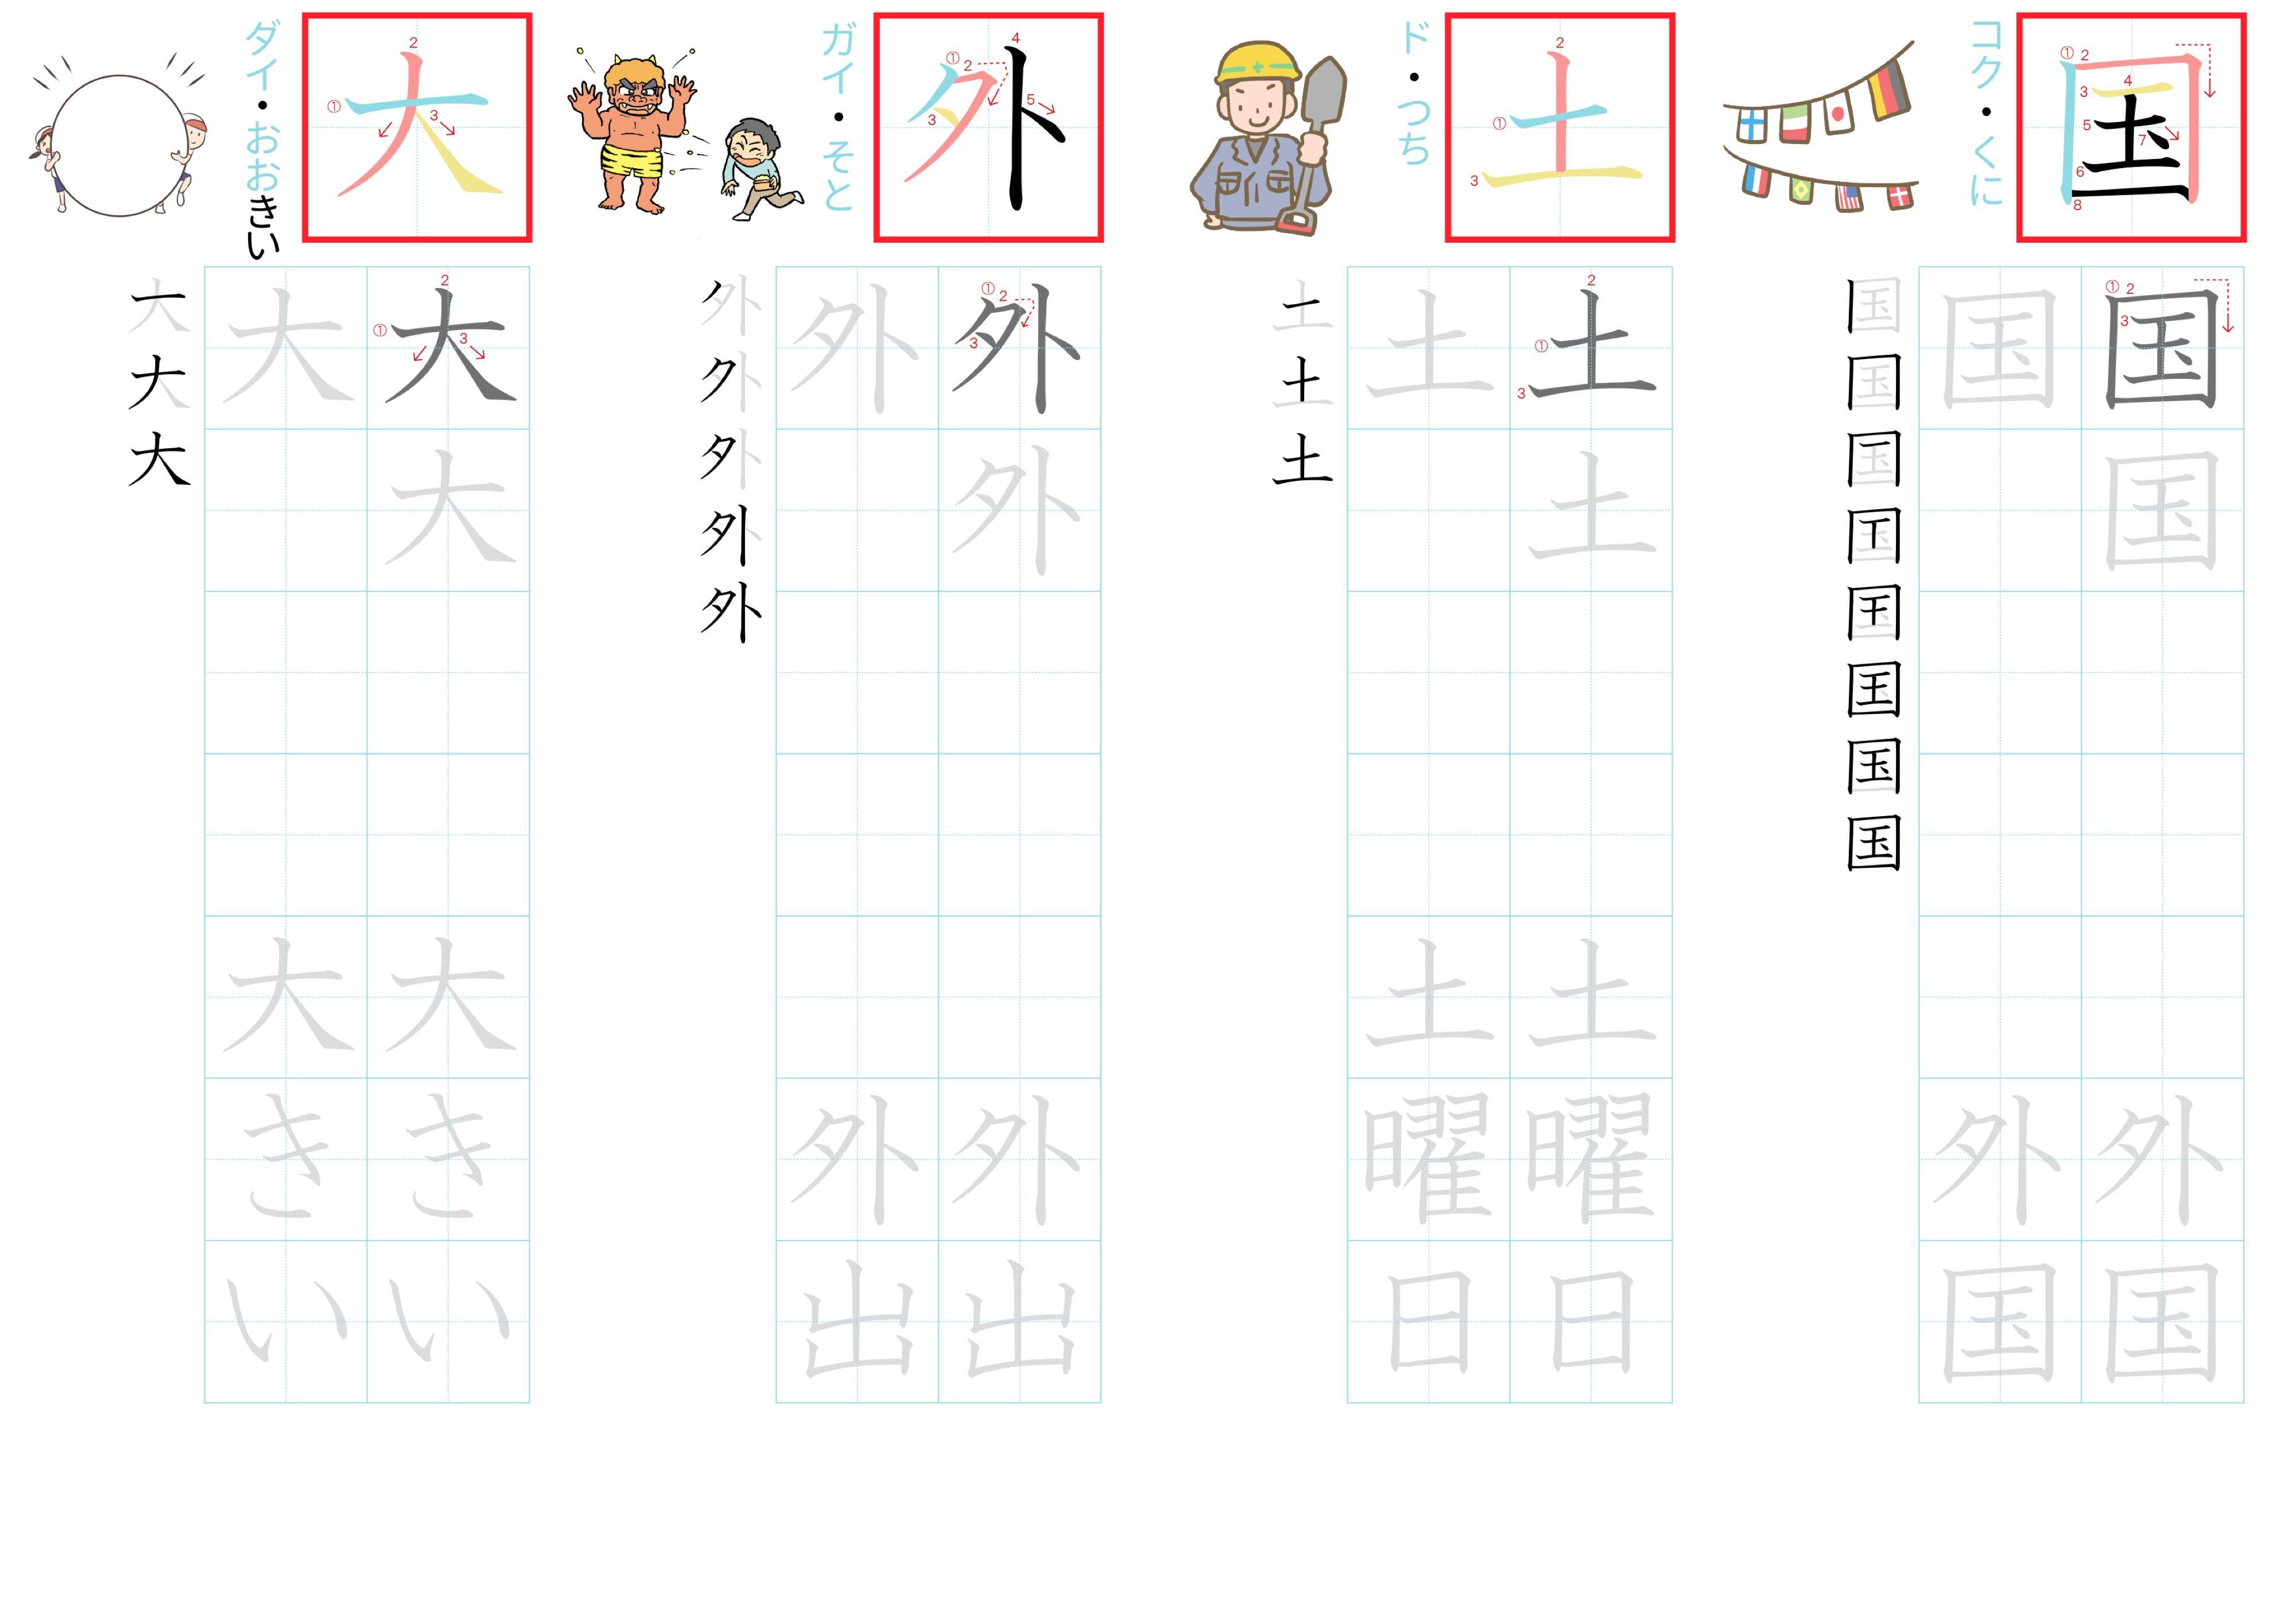 kanji-practice-card-n5-japanese-009